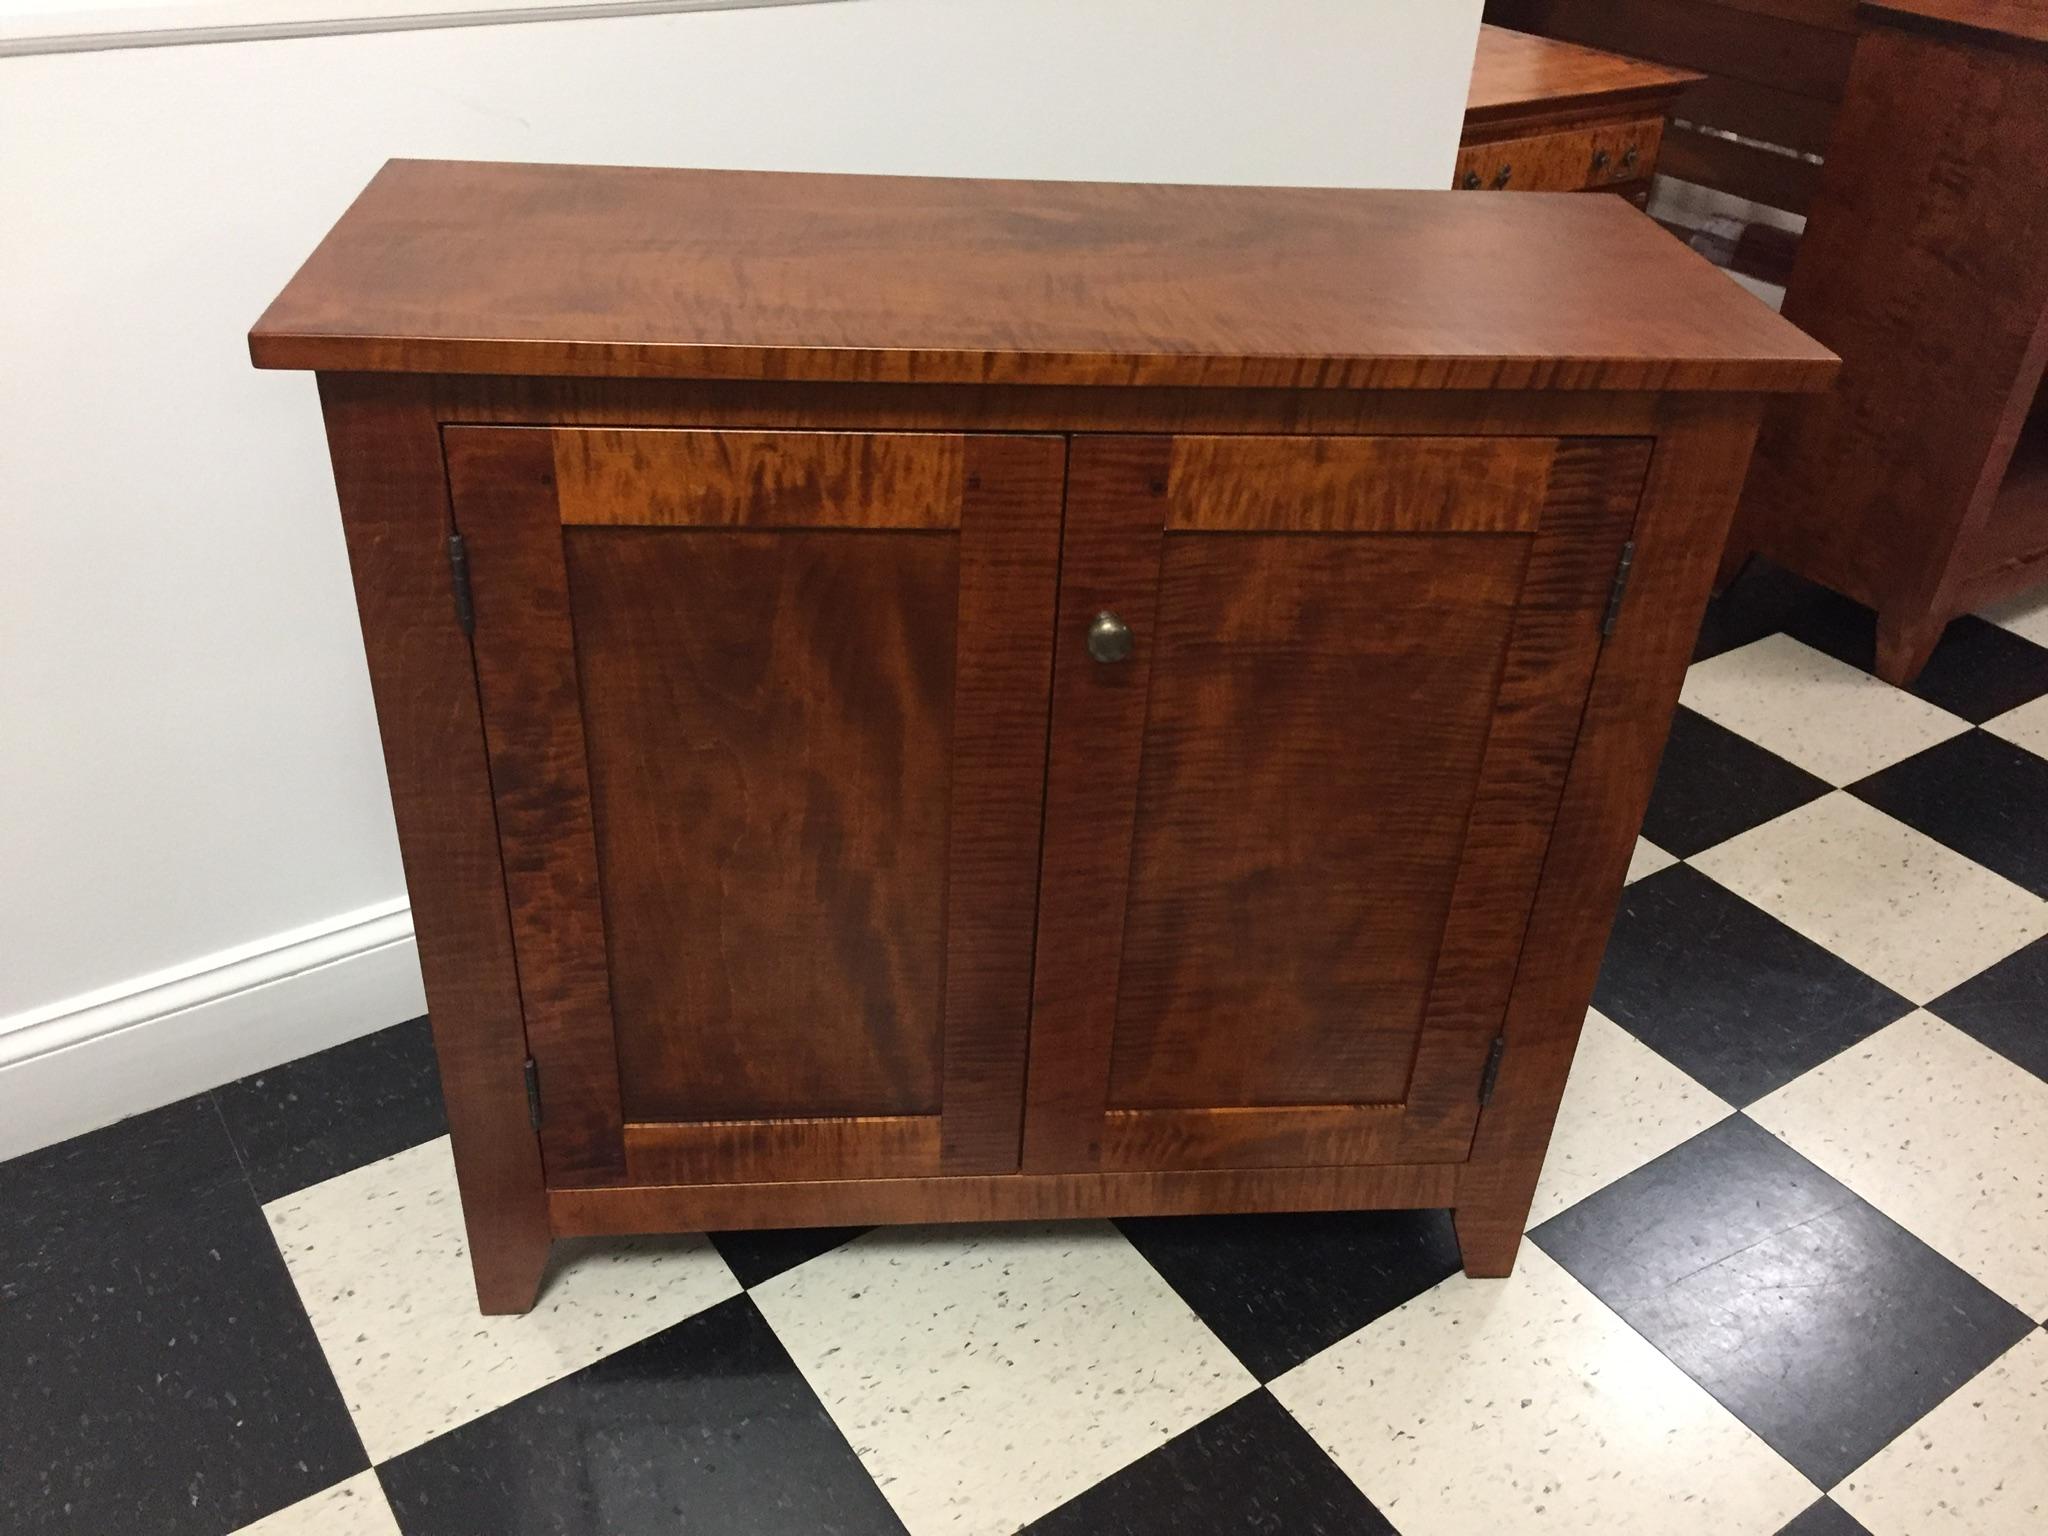 Historical Dusing Bookcase Image